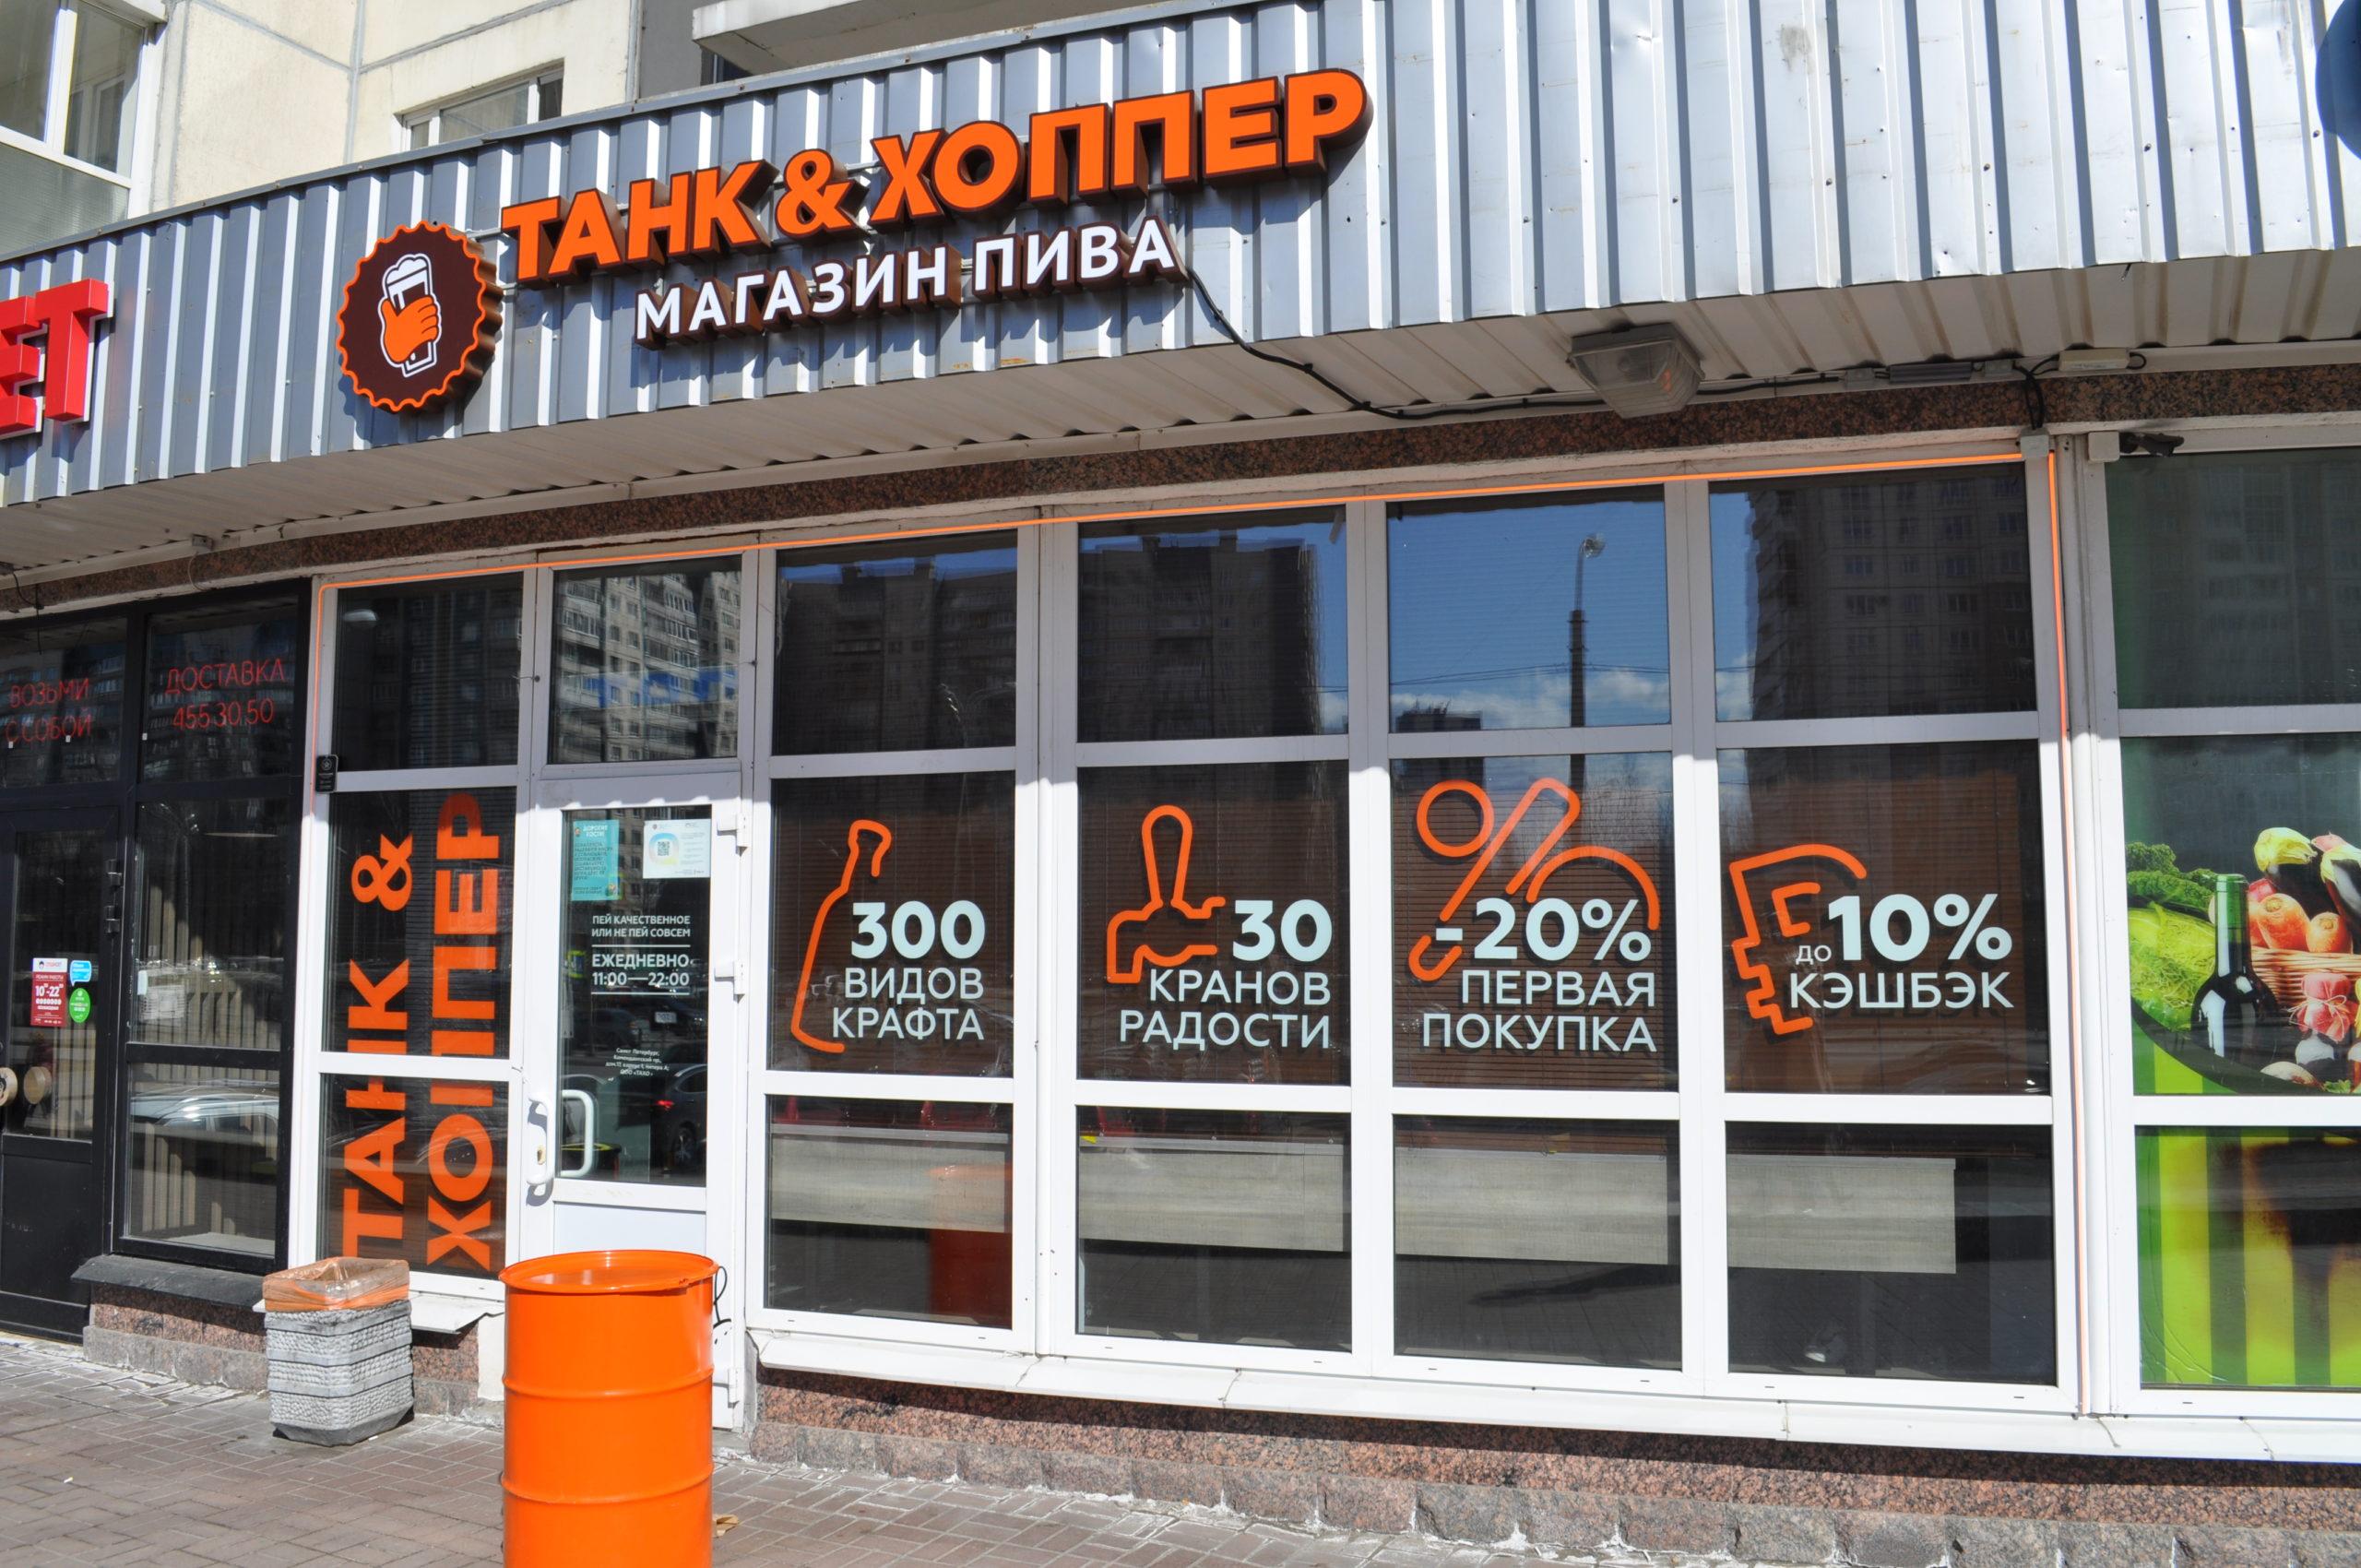 В 2021 году охват сети пивных магазинов «Танк и Хоппер» планируют увеличить в 4 раза